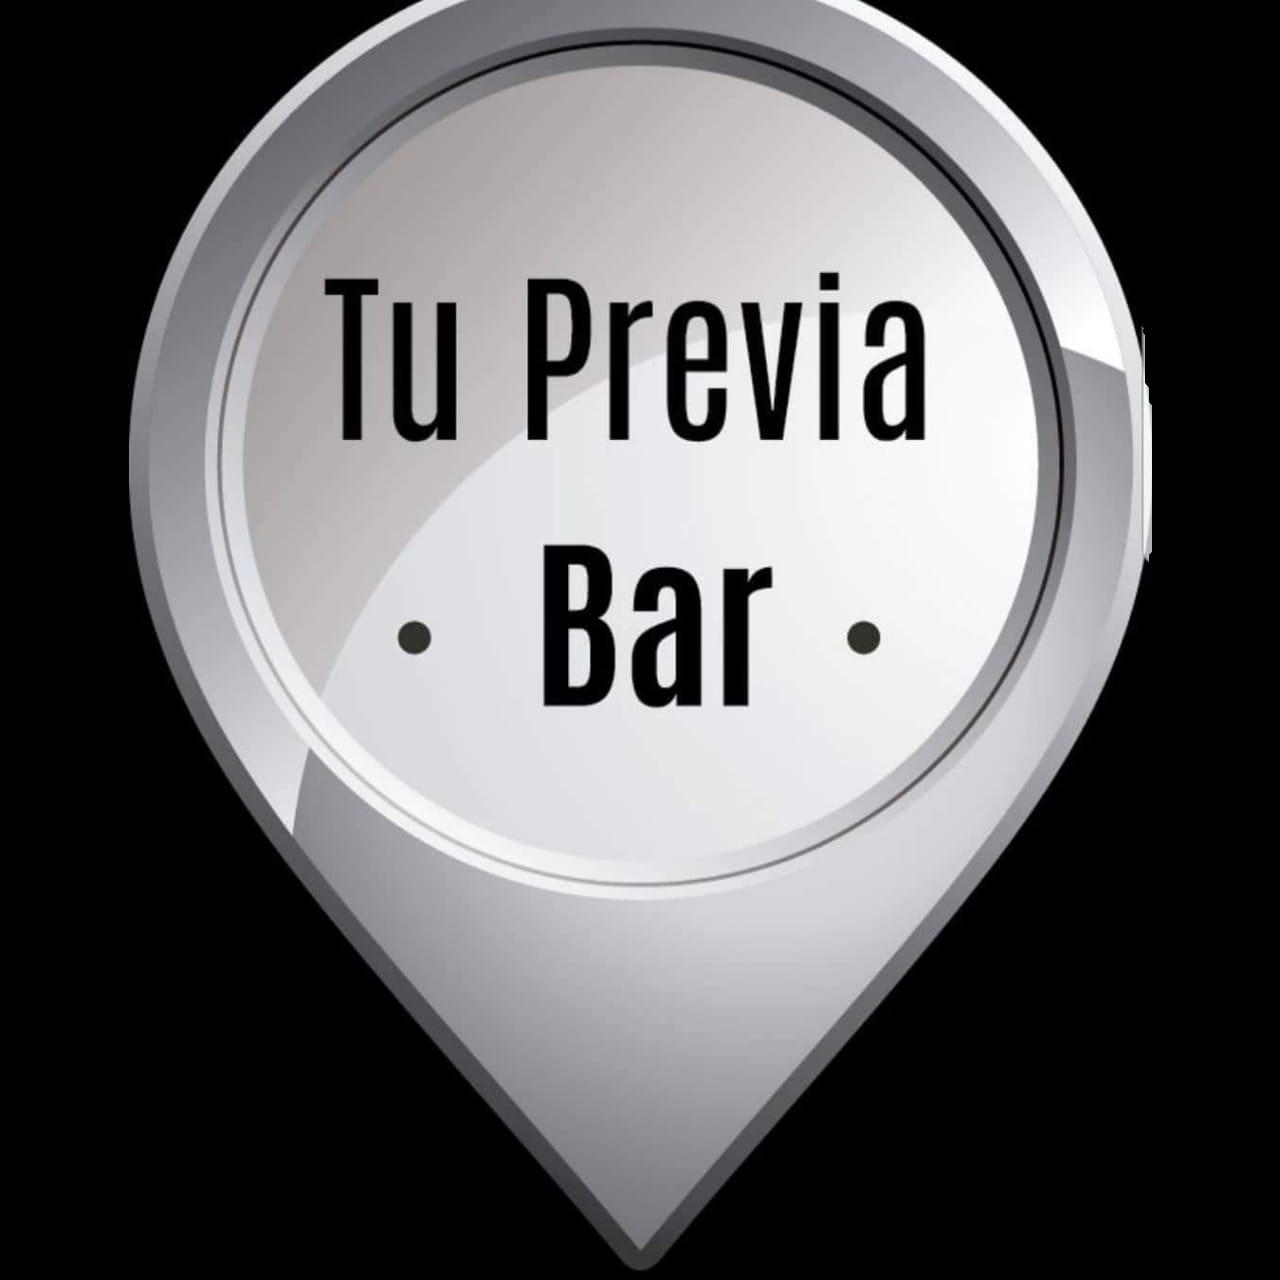 Tu Previa Bar